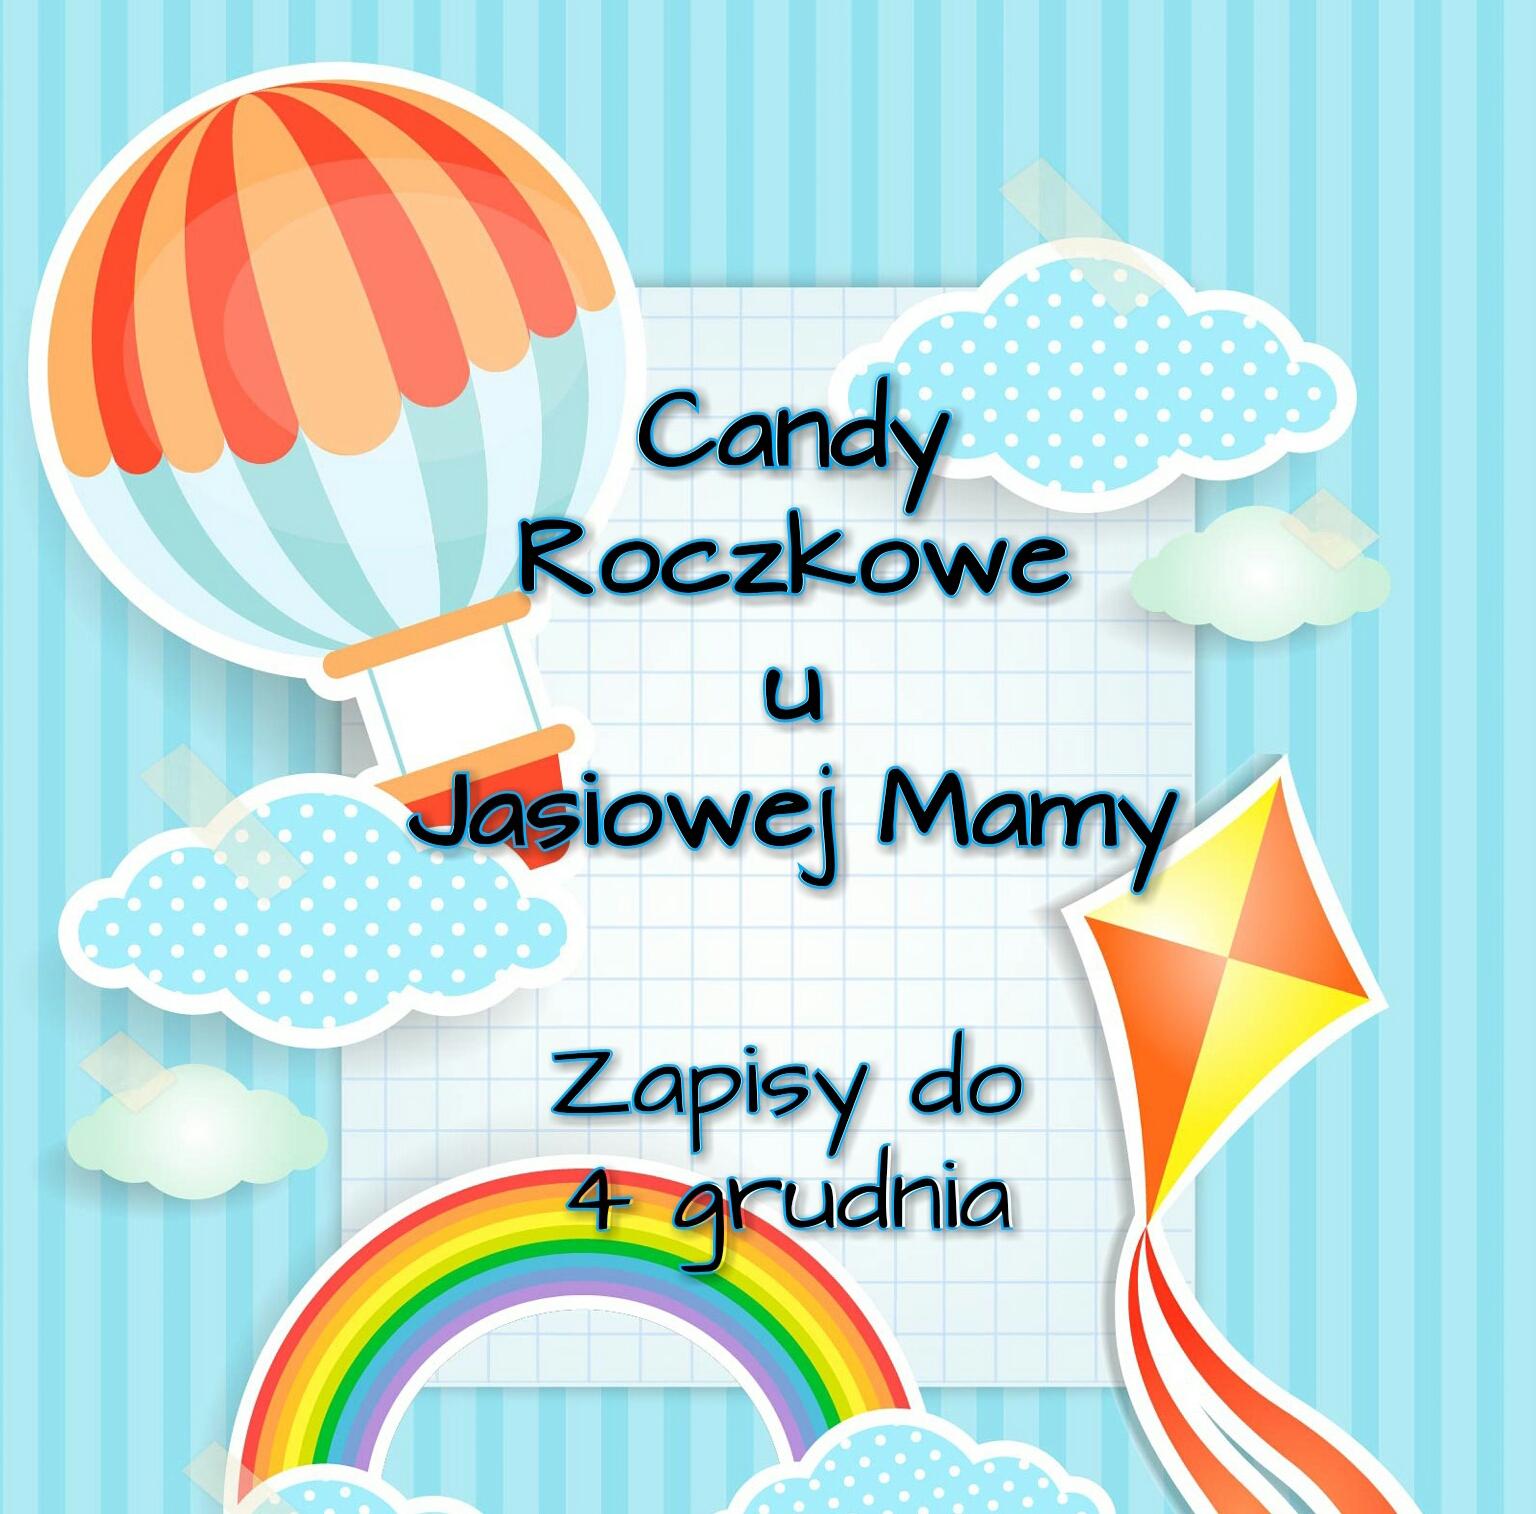 Candy u Jasiowej Mamy